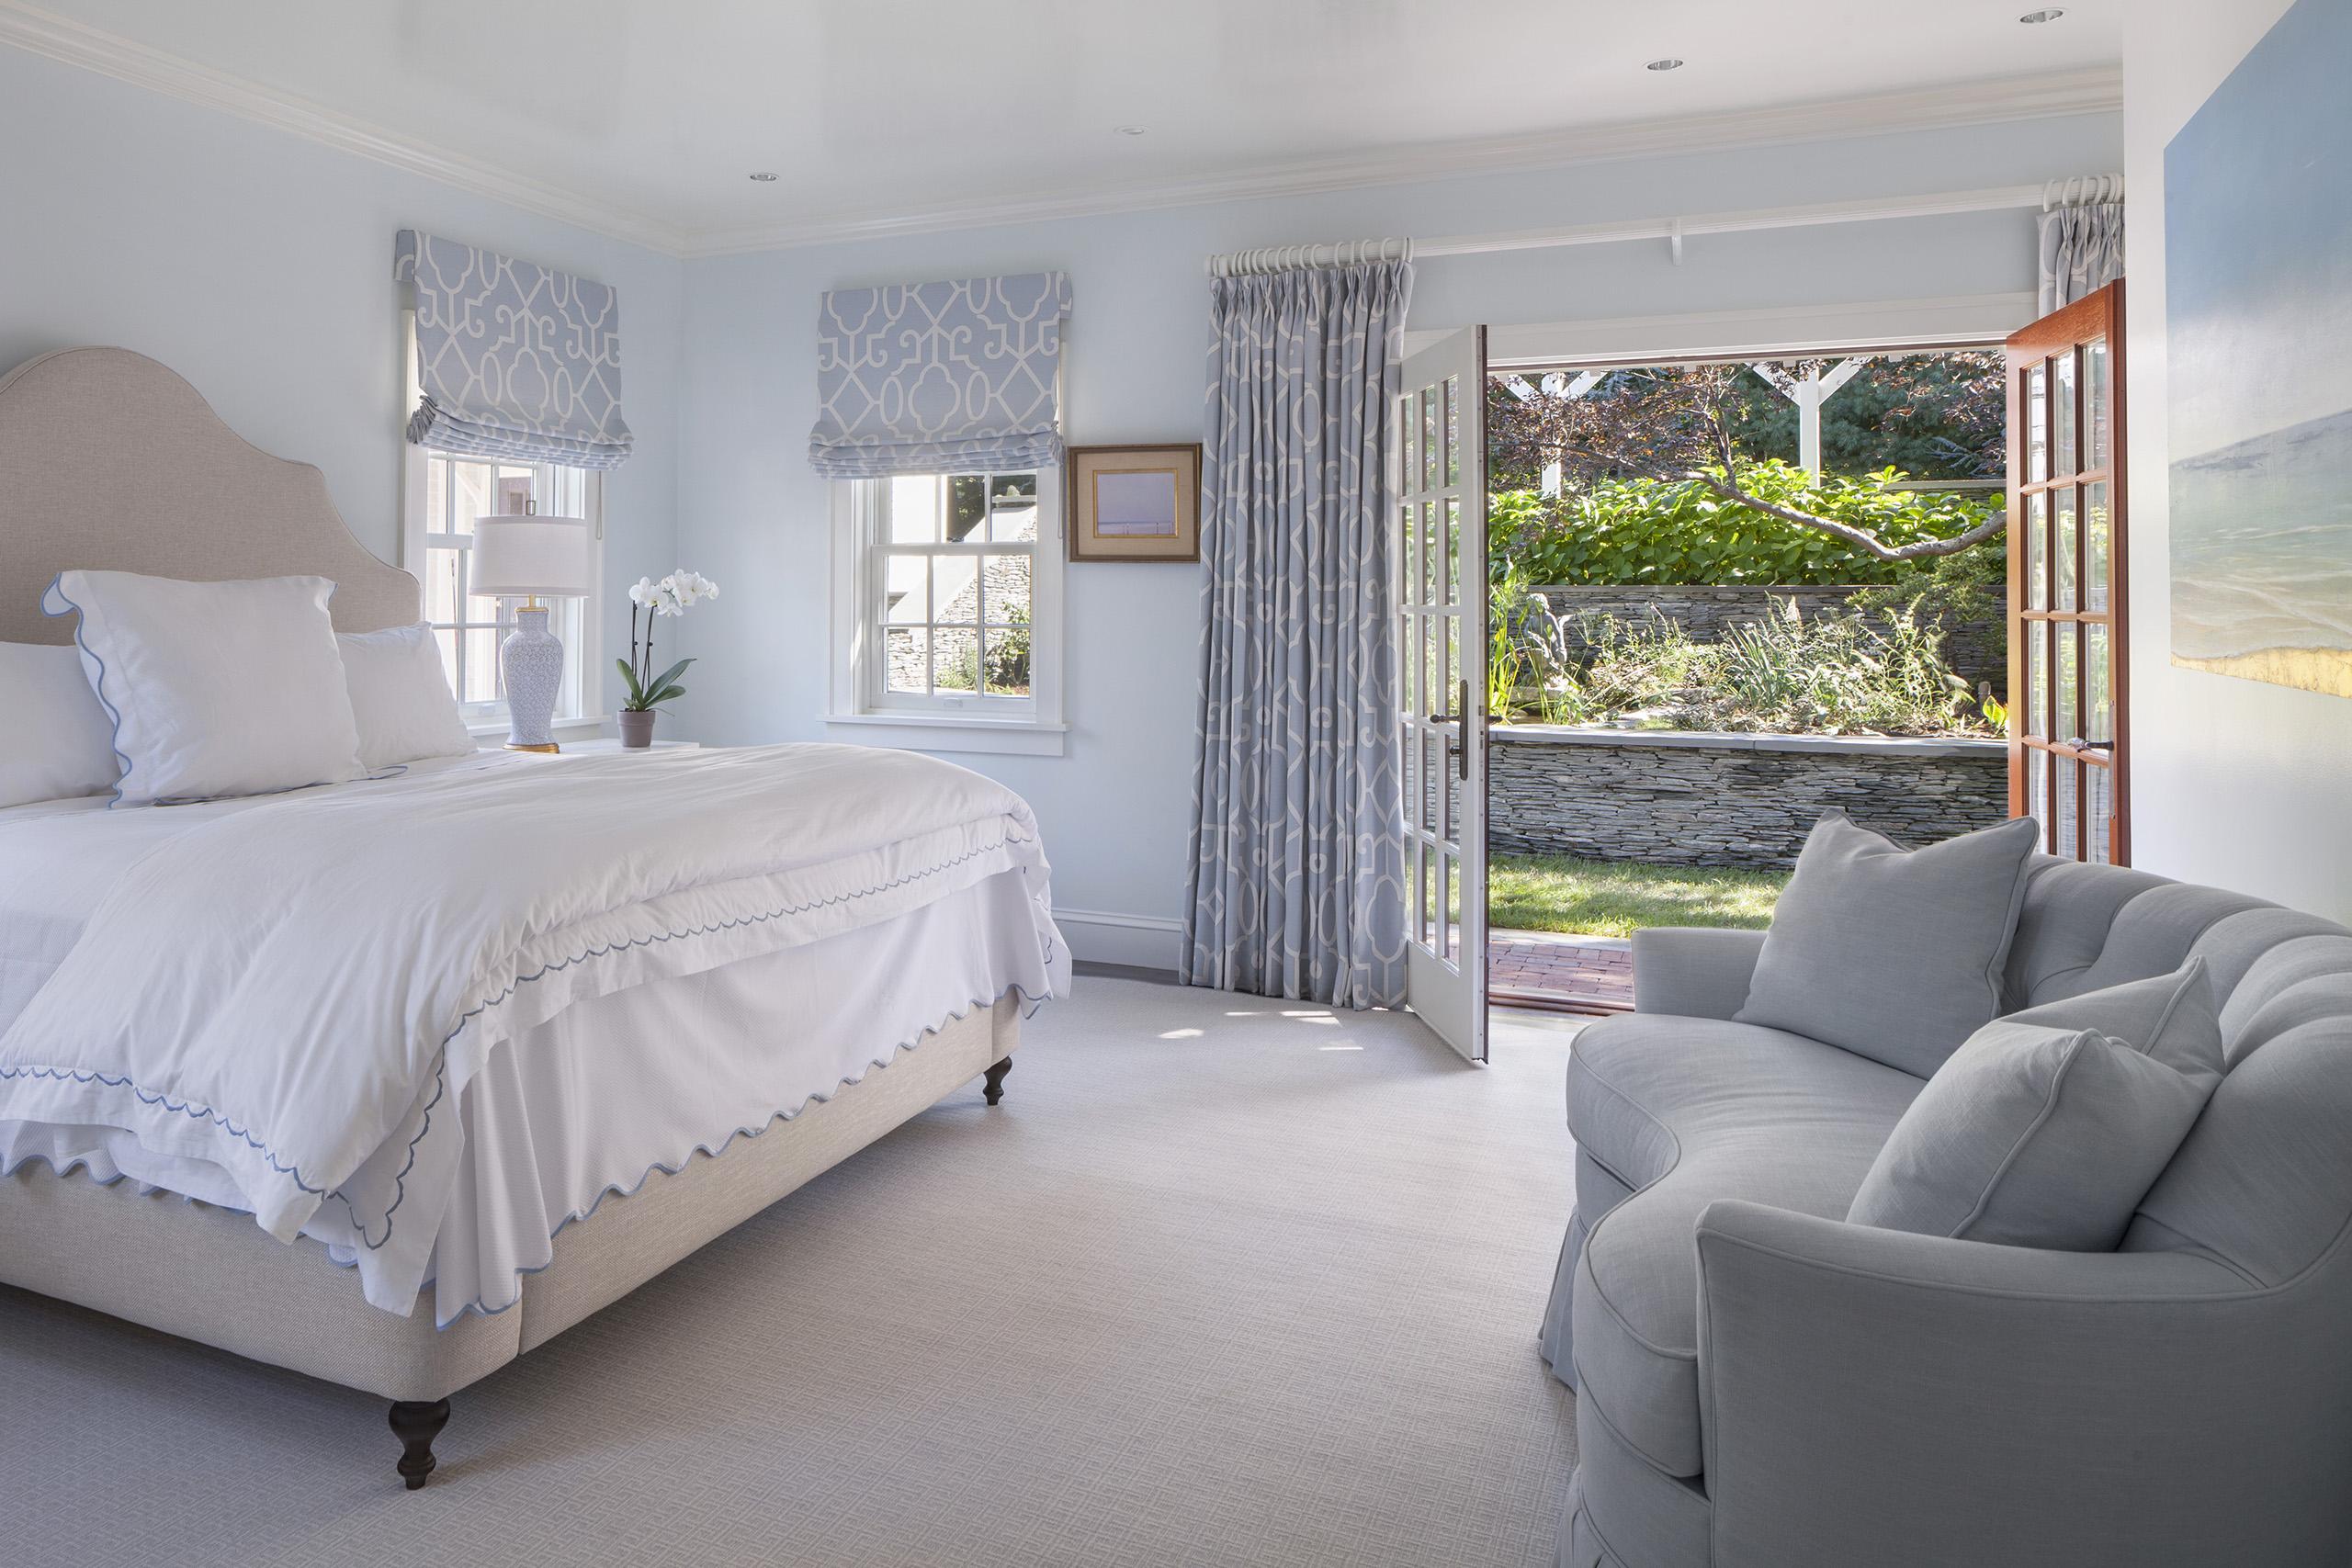 stables bedroom design